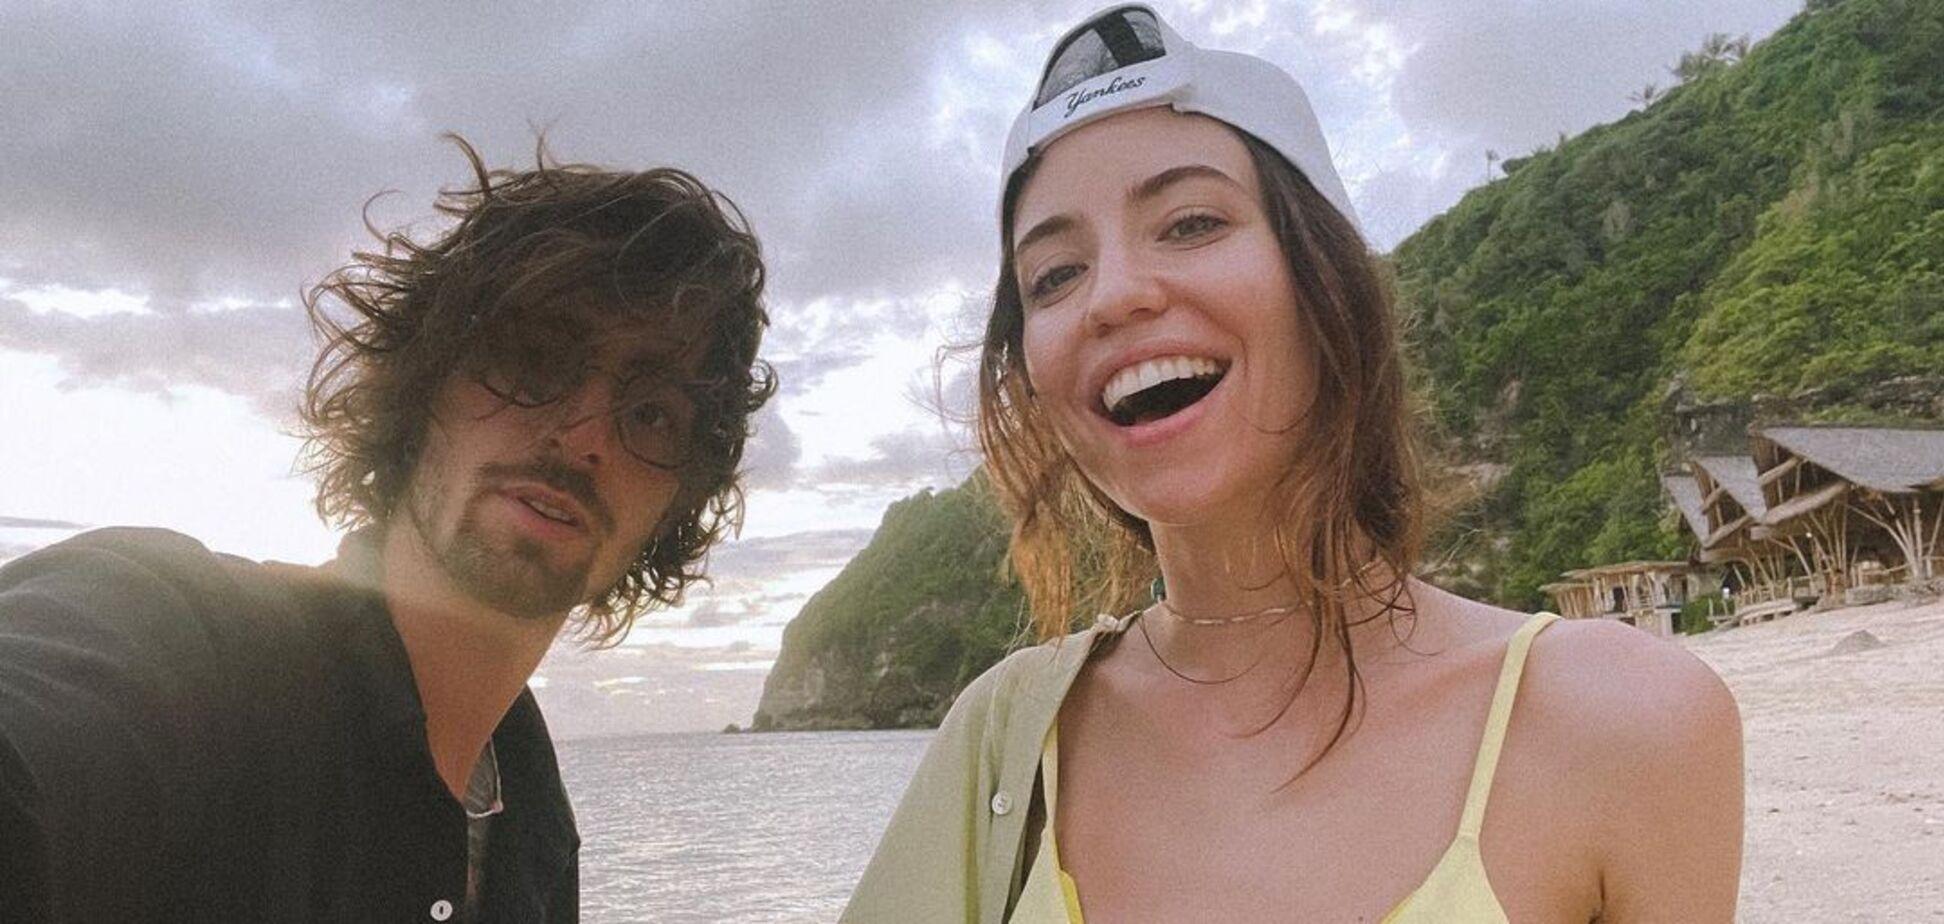 Дорофеева и Дантес удивили 'опасным' снимком на фоне популярного водопада на Бали